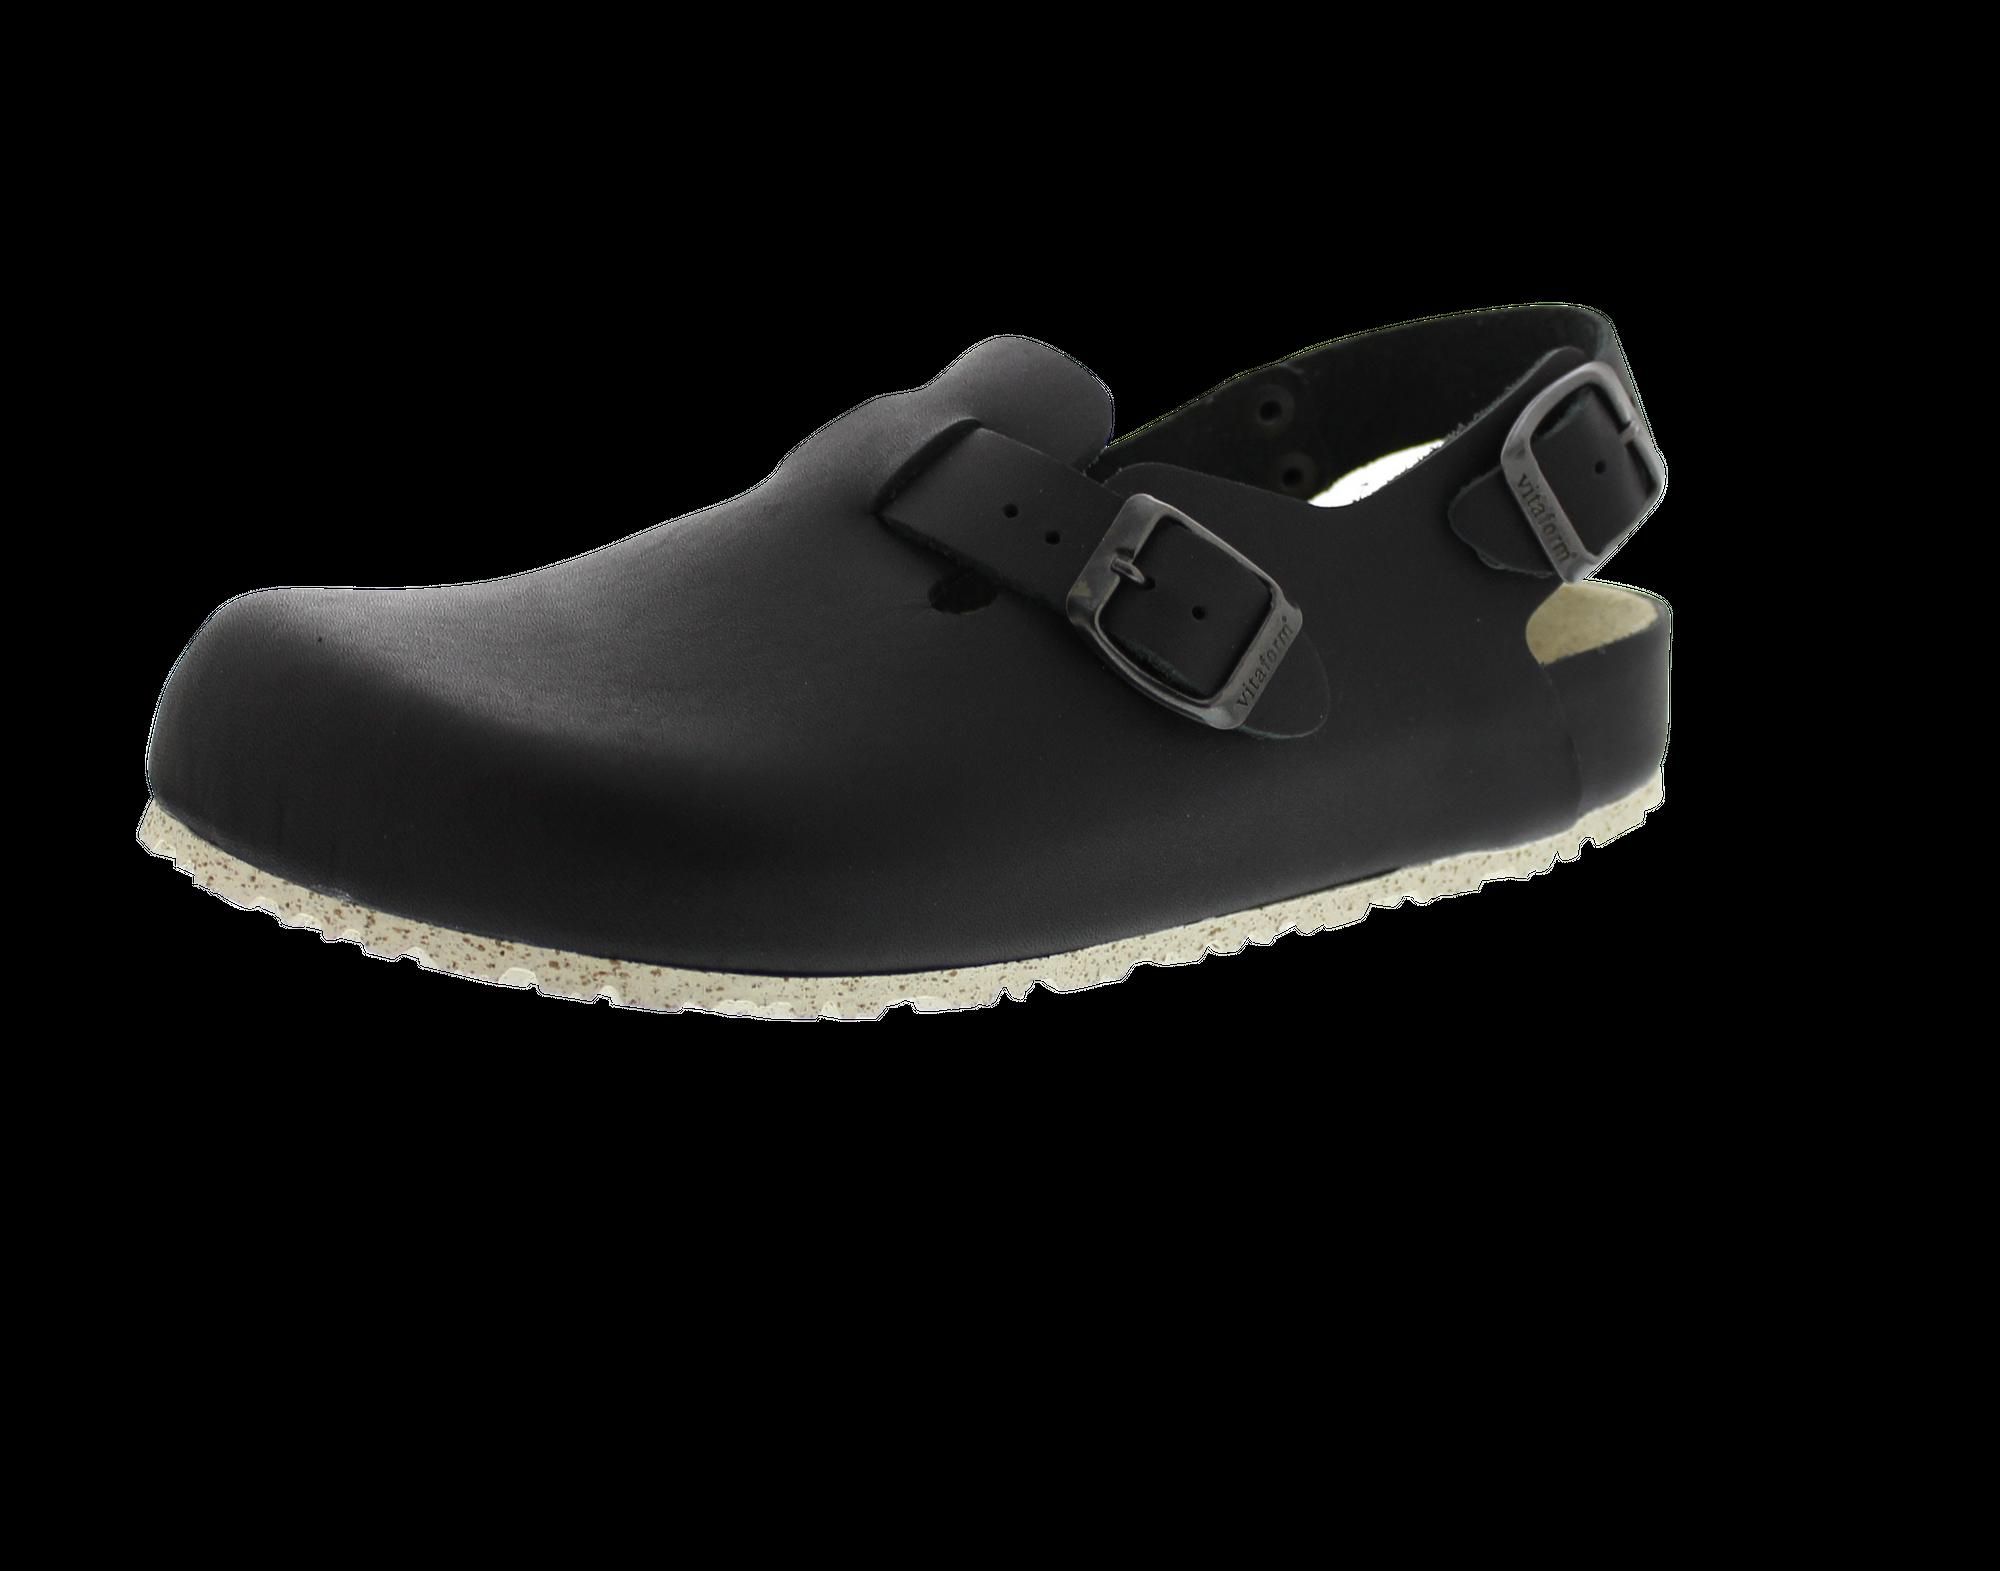 Küchen-Clog Vollrindleder Schuhweite normal